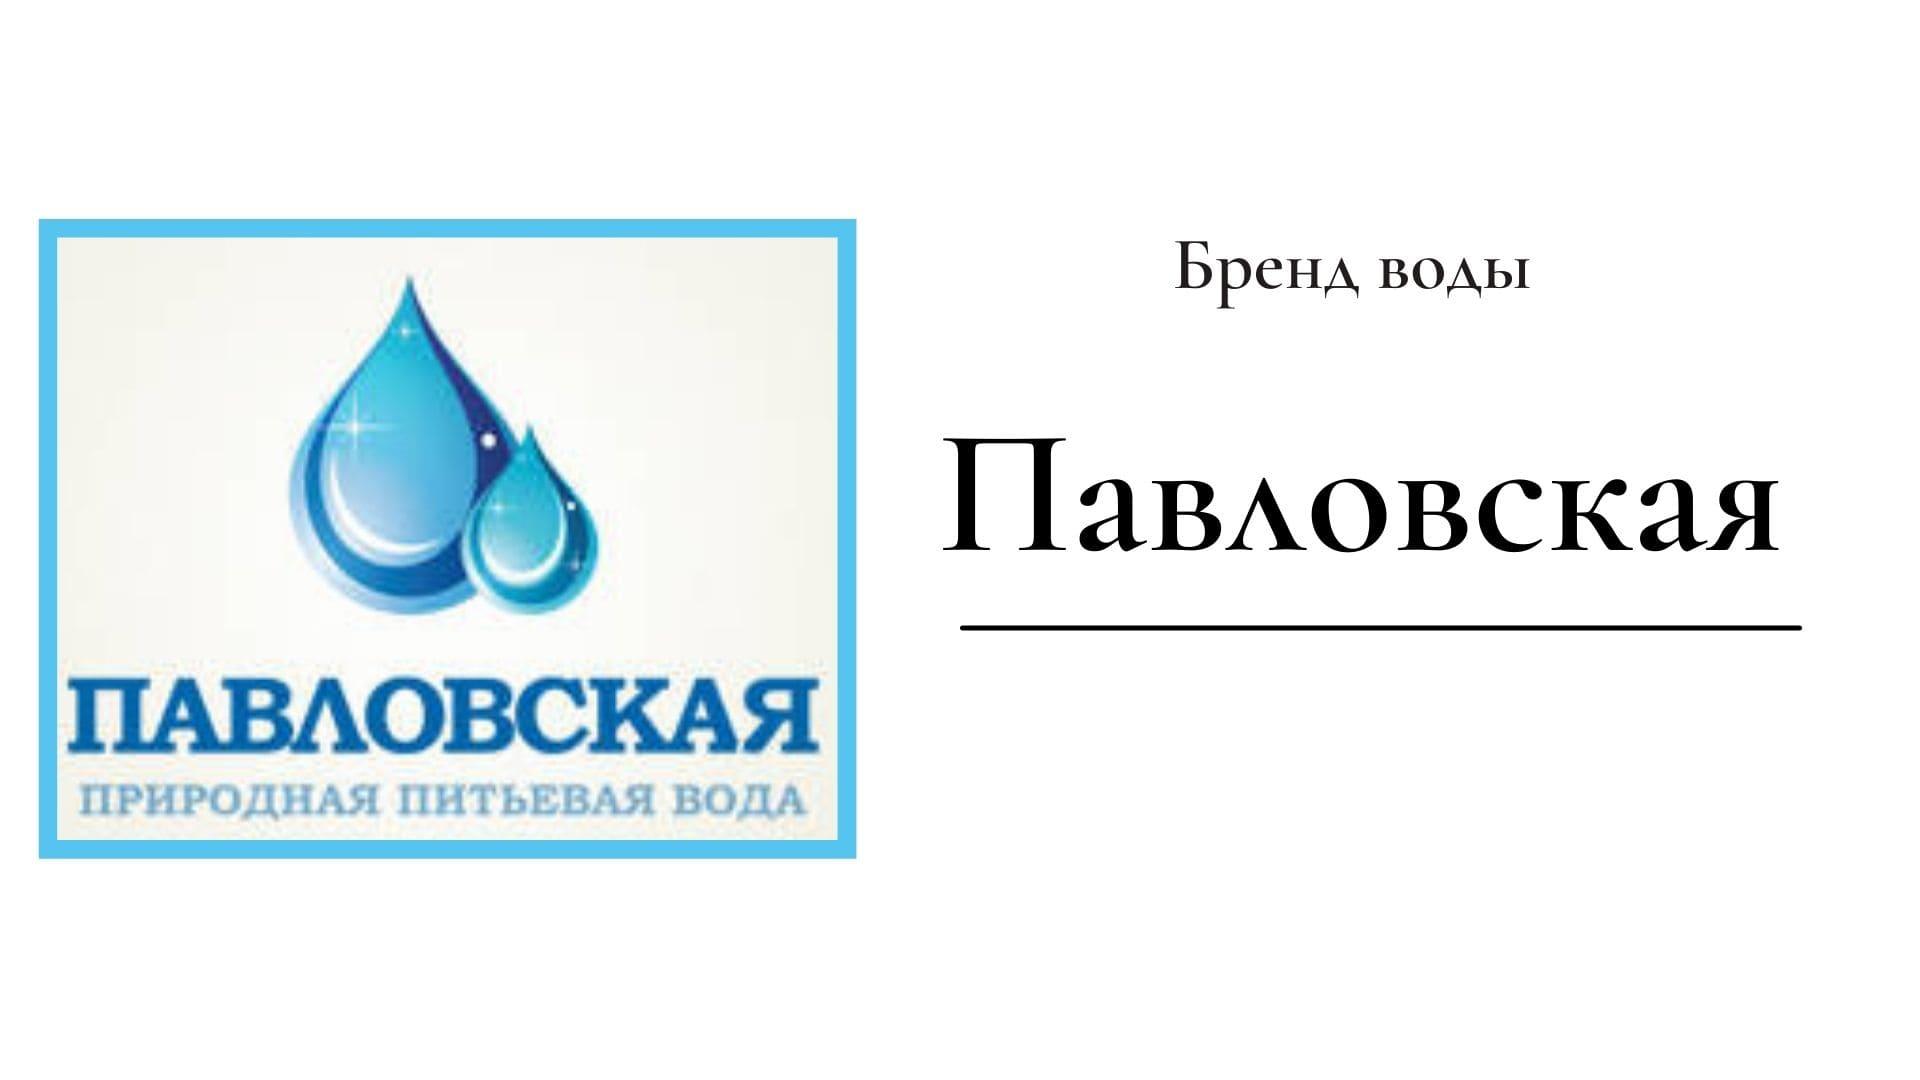 бренд Павловская логотип